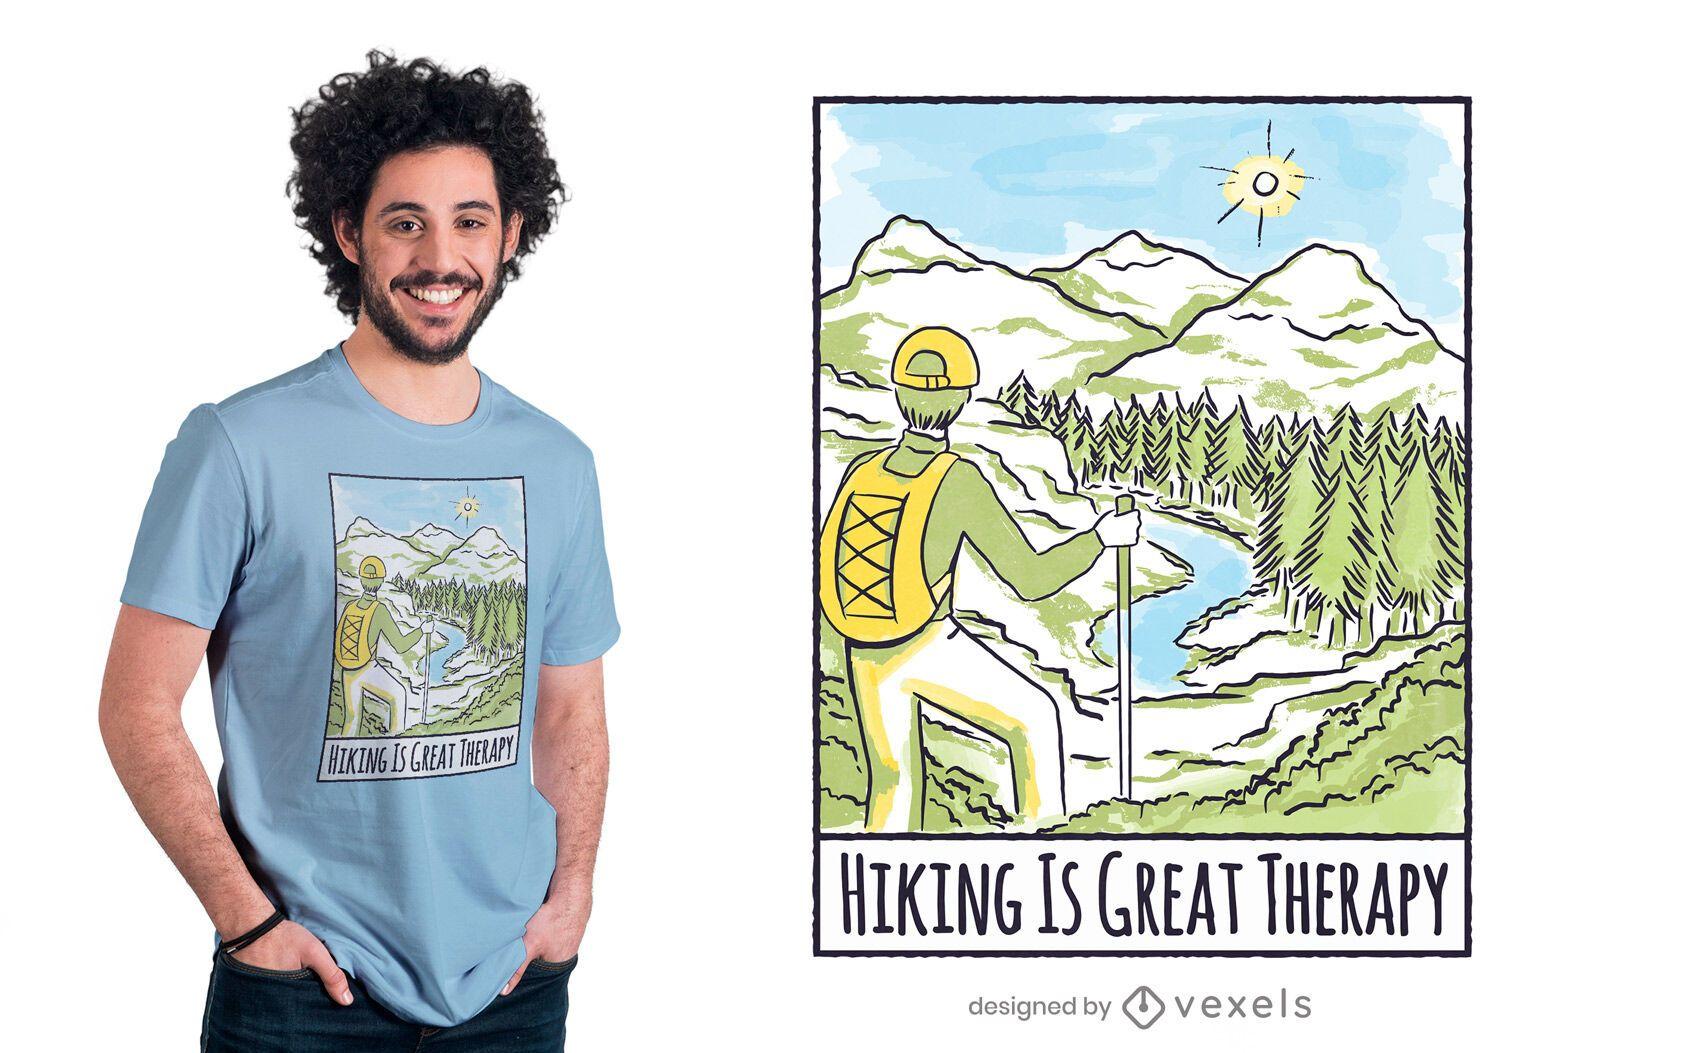 Diseño de camiseta de senderismo es terapia.